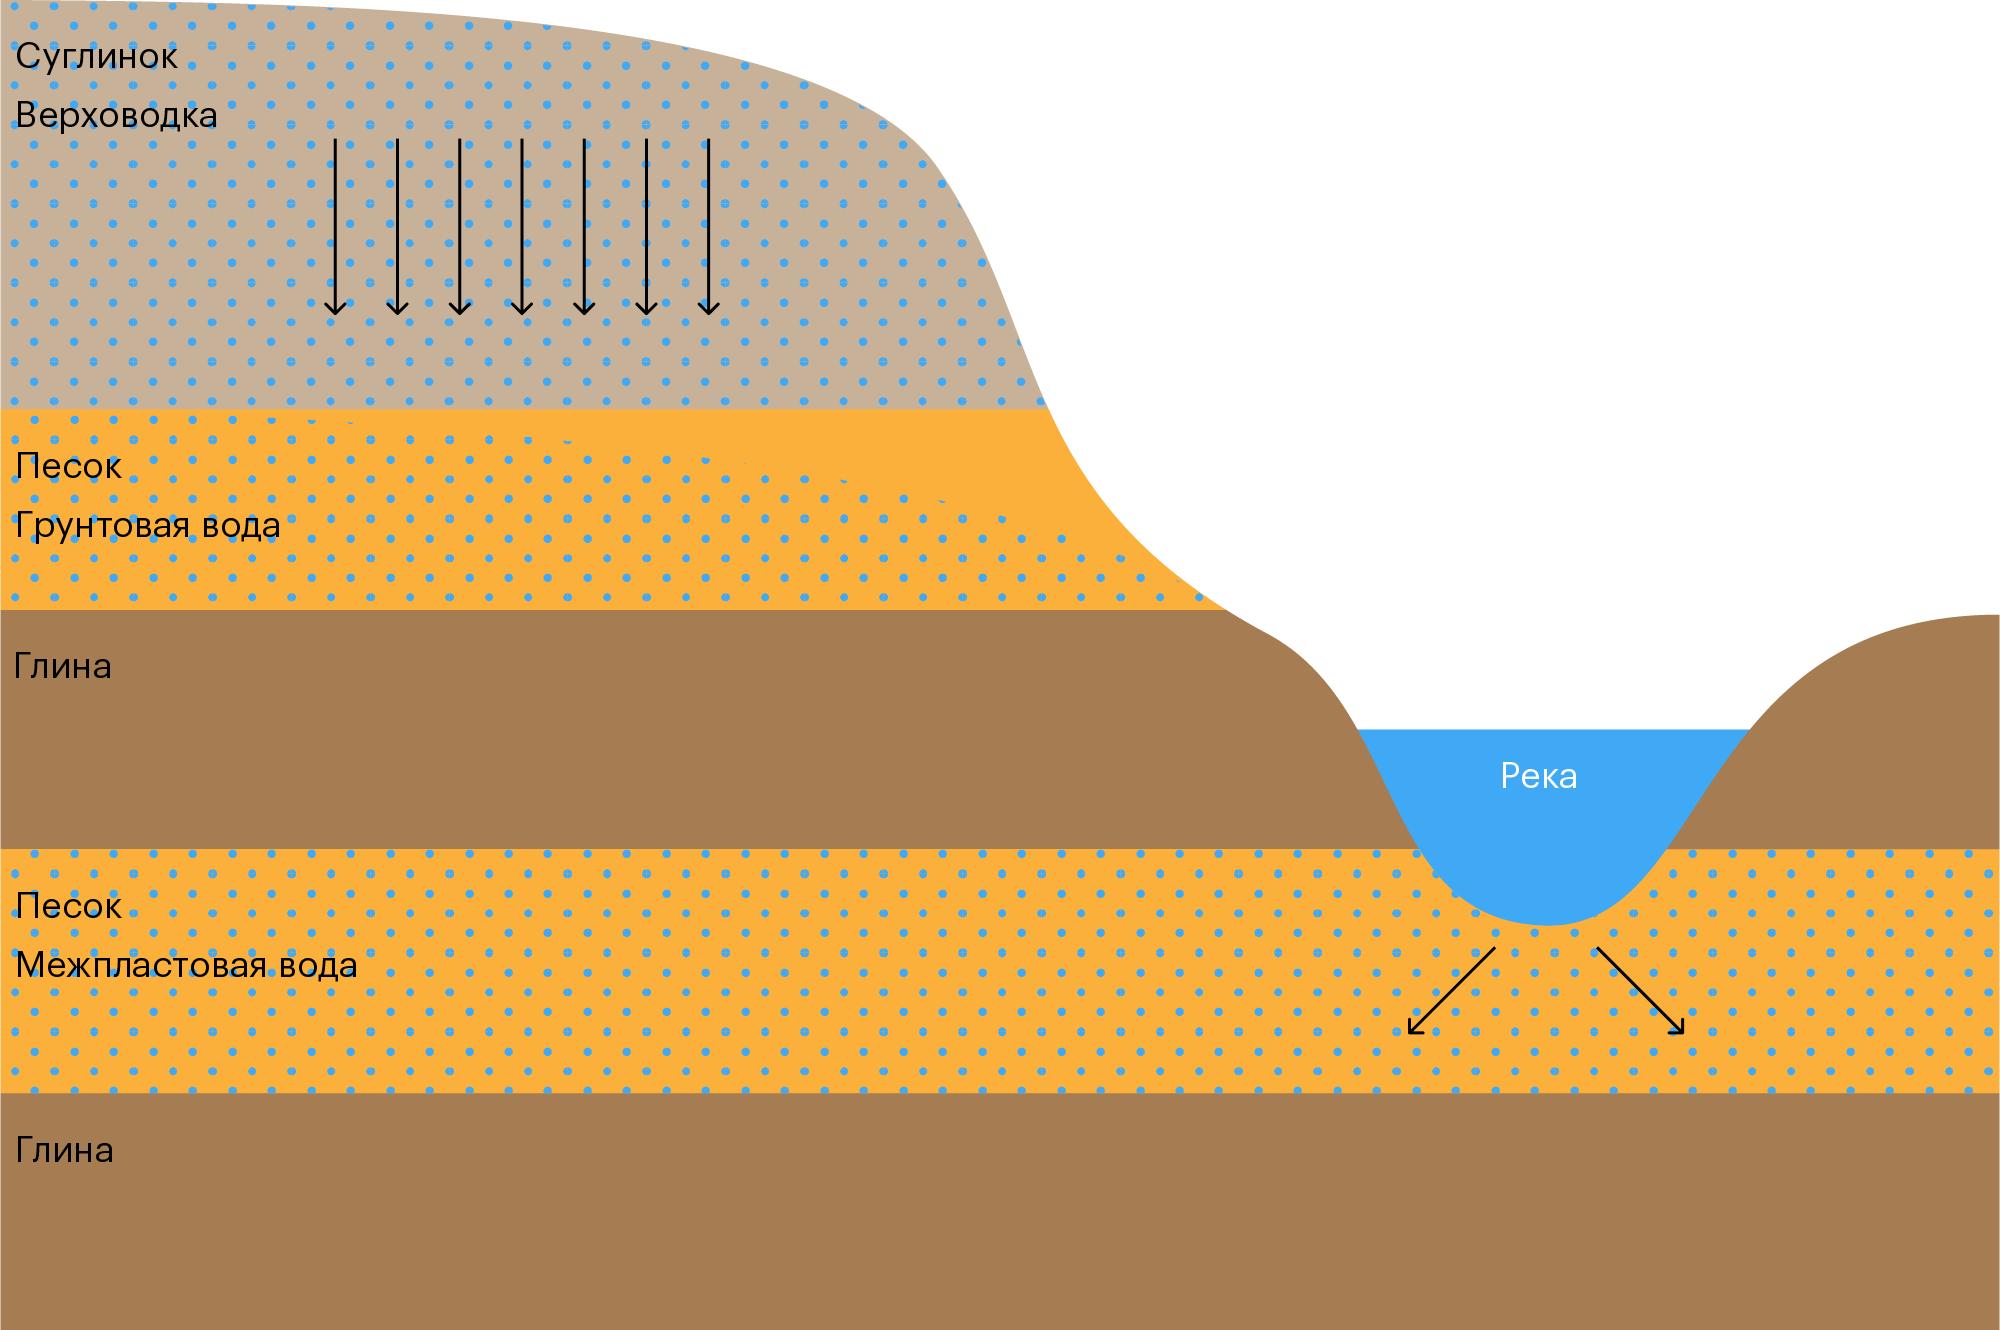 Какой тип подземных вод распространен в зоне аэрации, что такое верховодка и грунтовые воды, в чем между ними отличия?